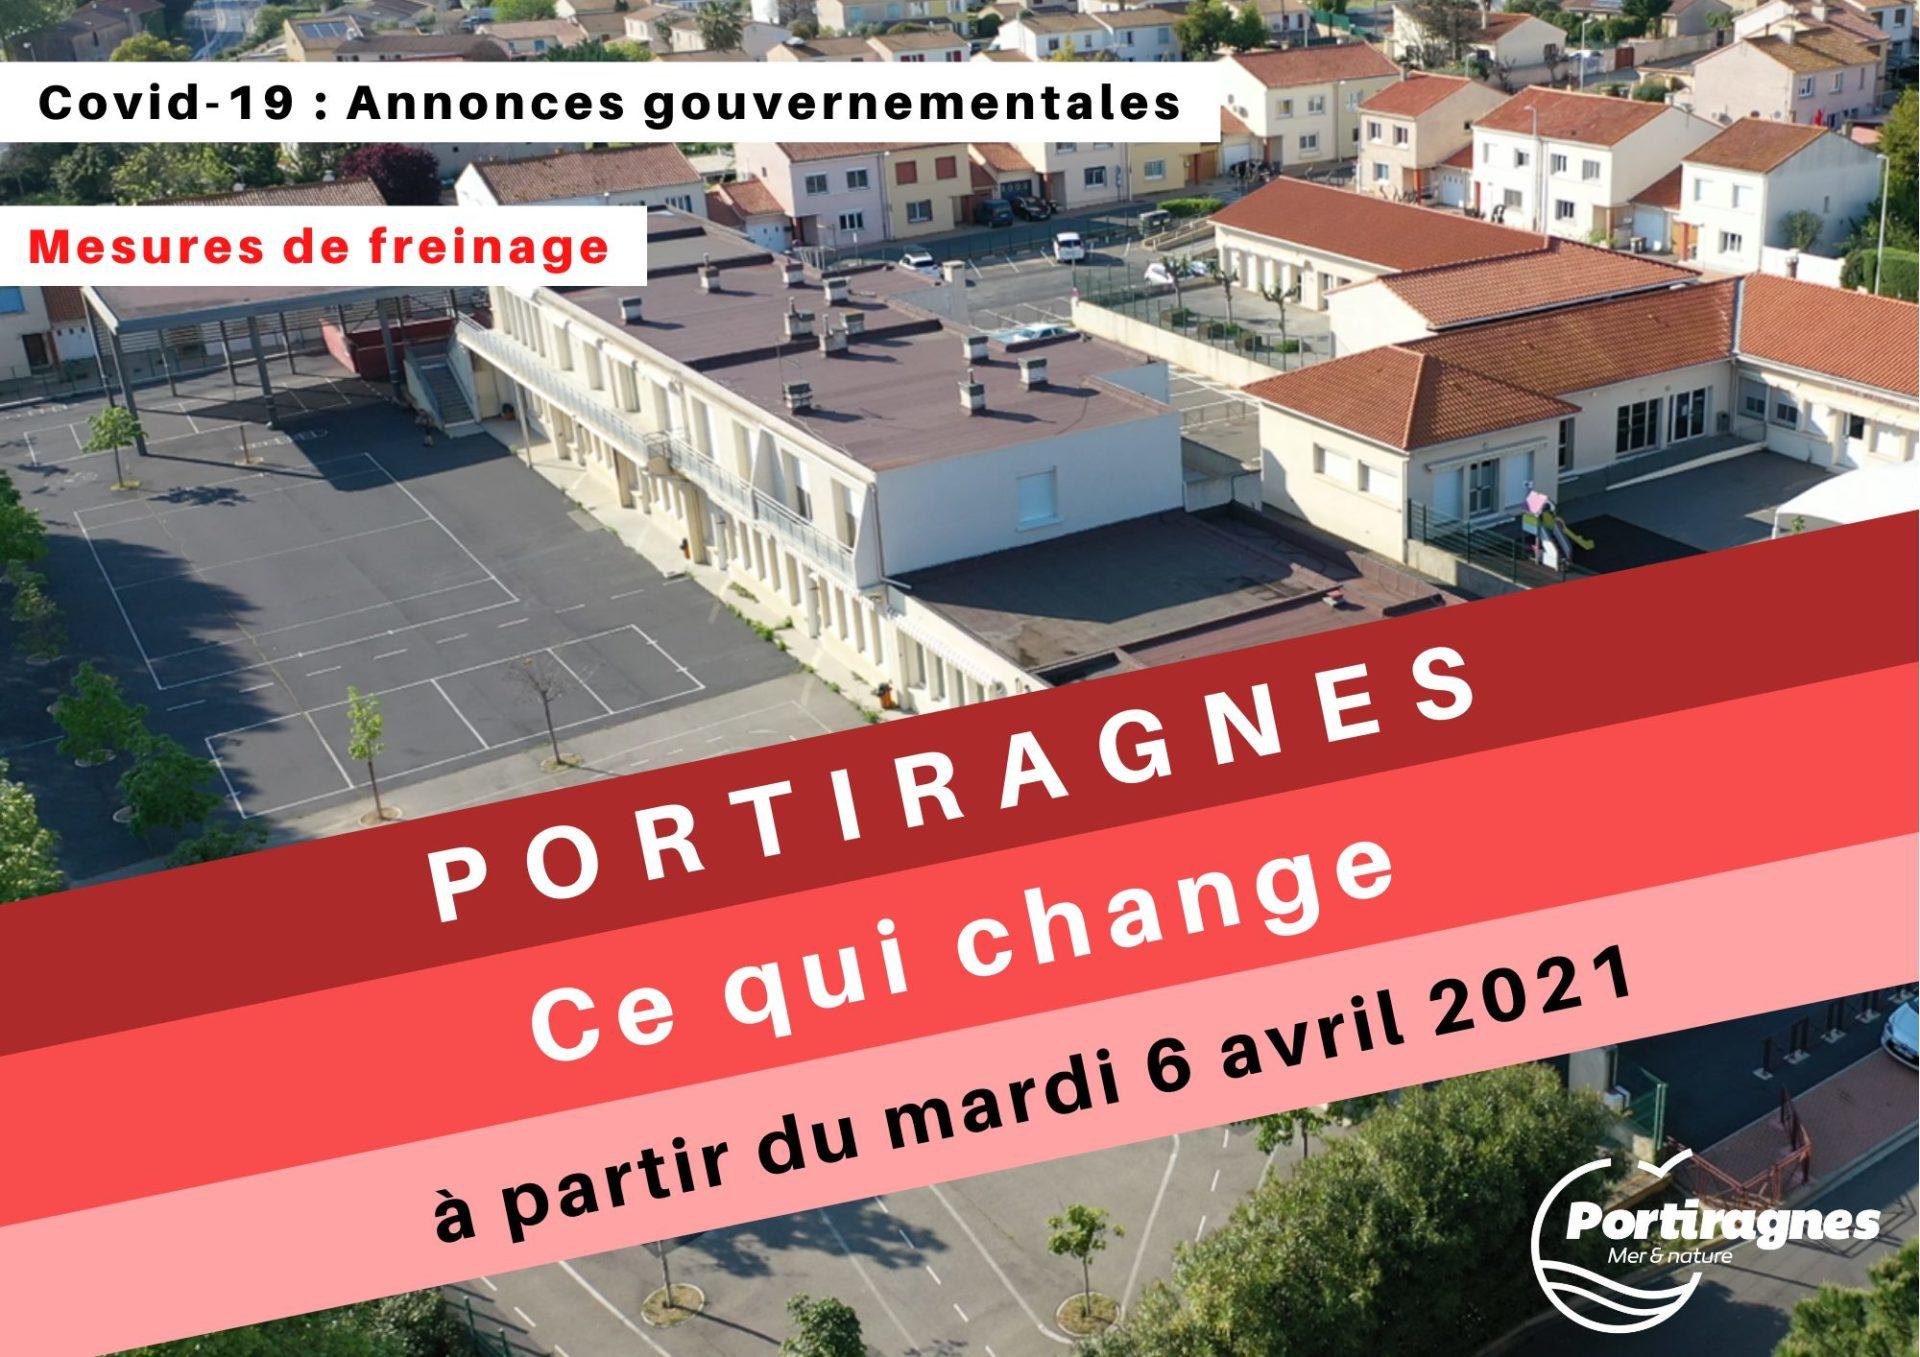 #COVID19 – Ce qui change à PORTIRAGNES à partir du mardi 6 avril 2021